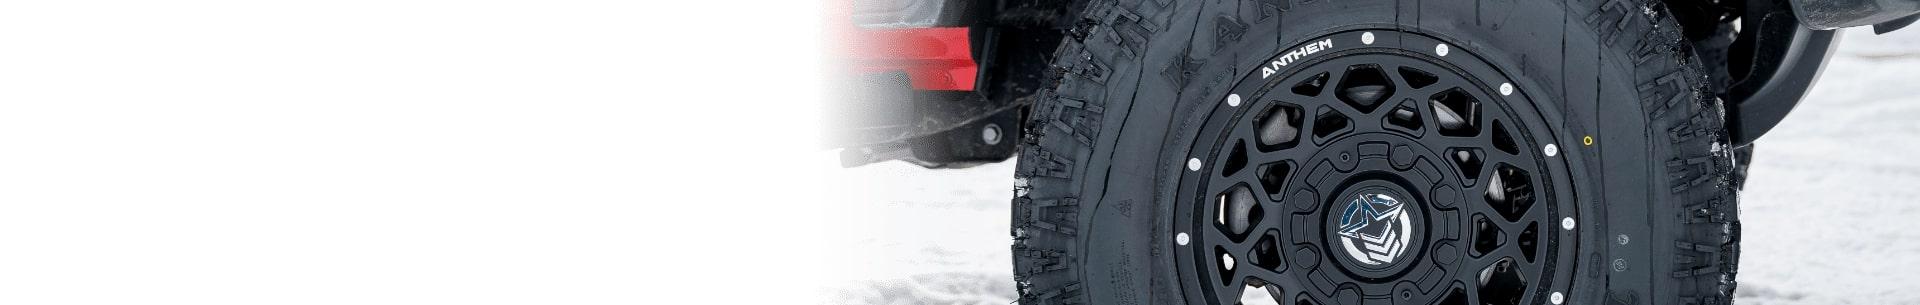 desktop truck image